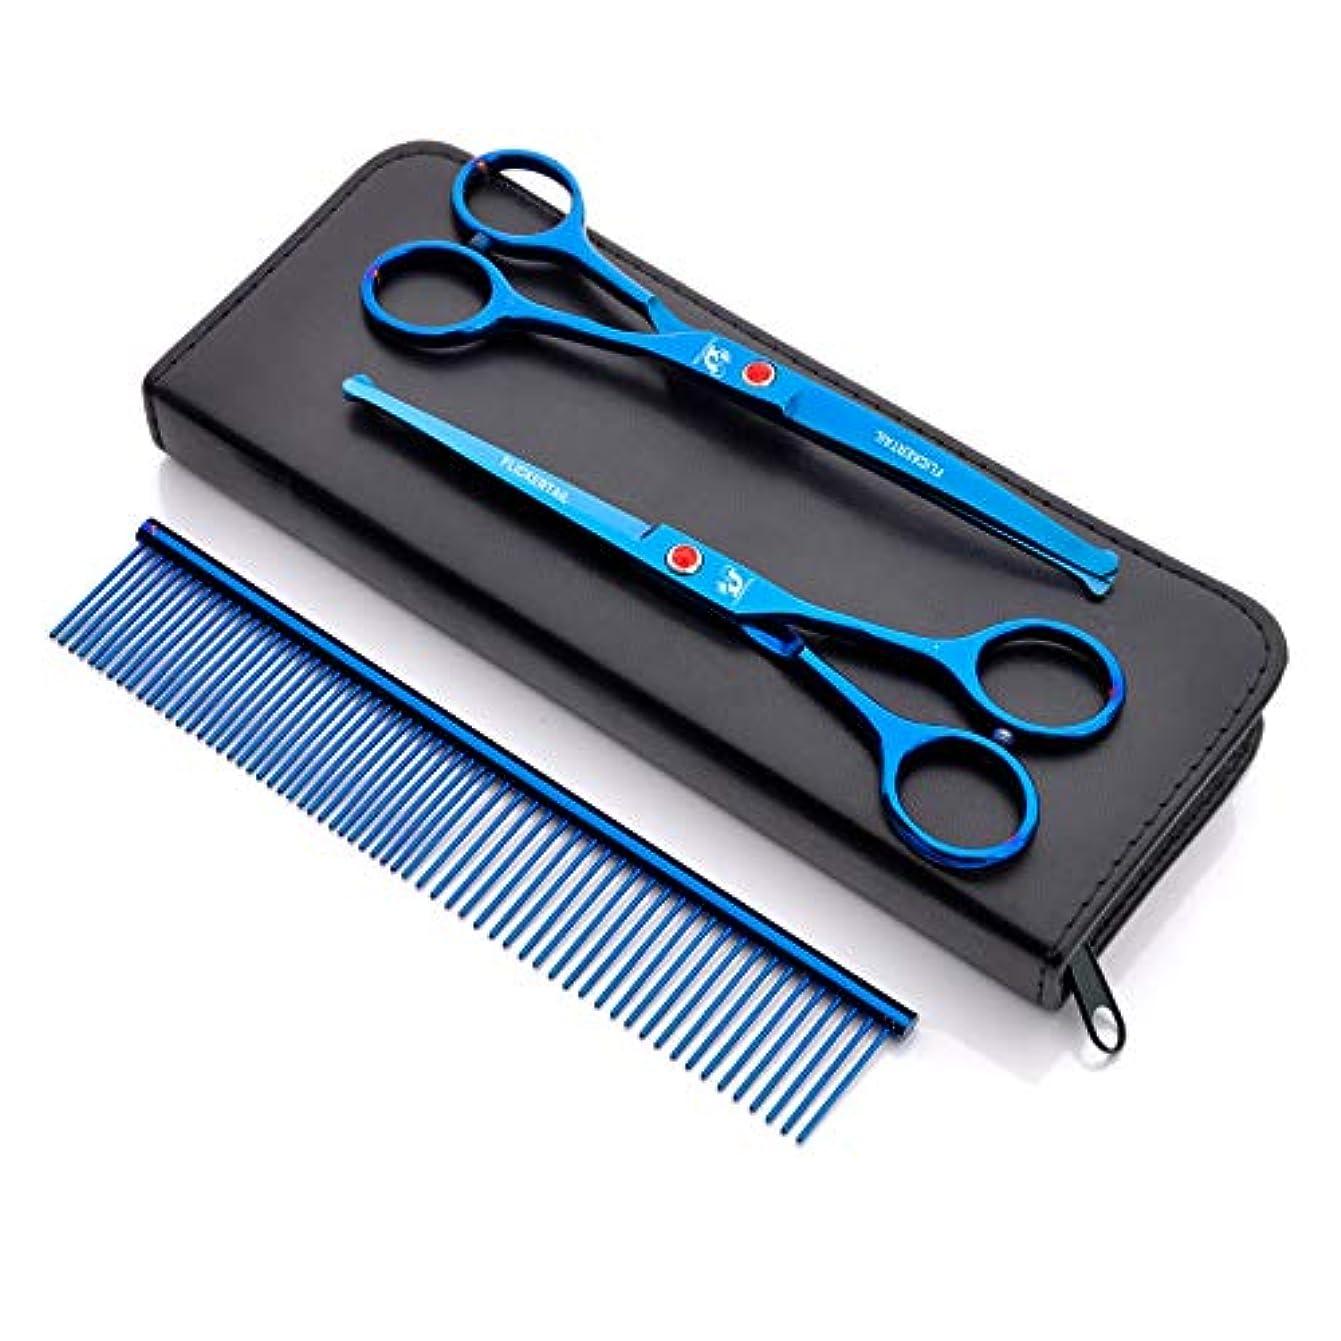 論争的評判大惨事ラウンドヘッドペットの髪カットはさみ、プロのペットグルーミング精密安全はさみセット、ペットショップや個々のユーザーに適して,Blue